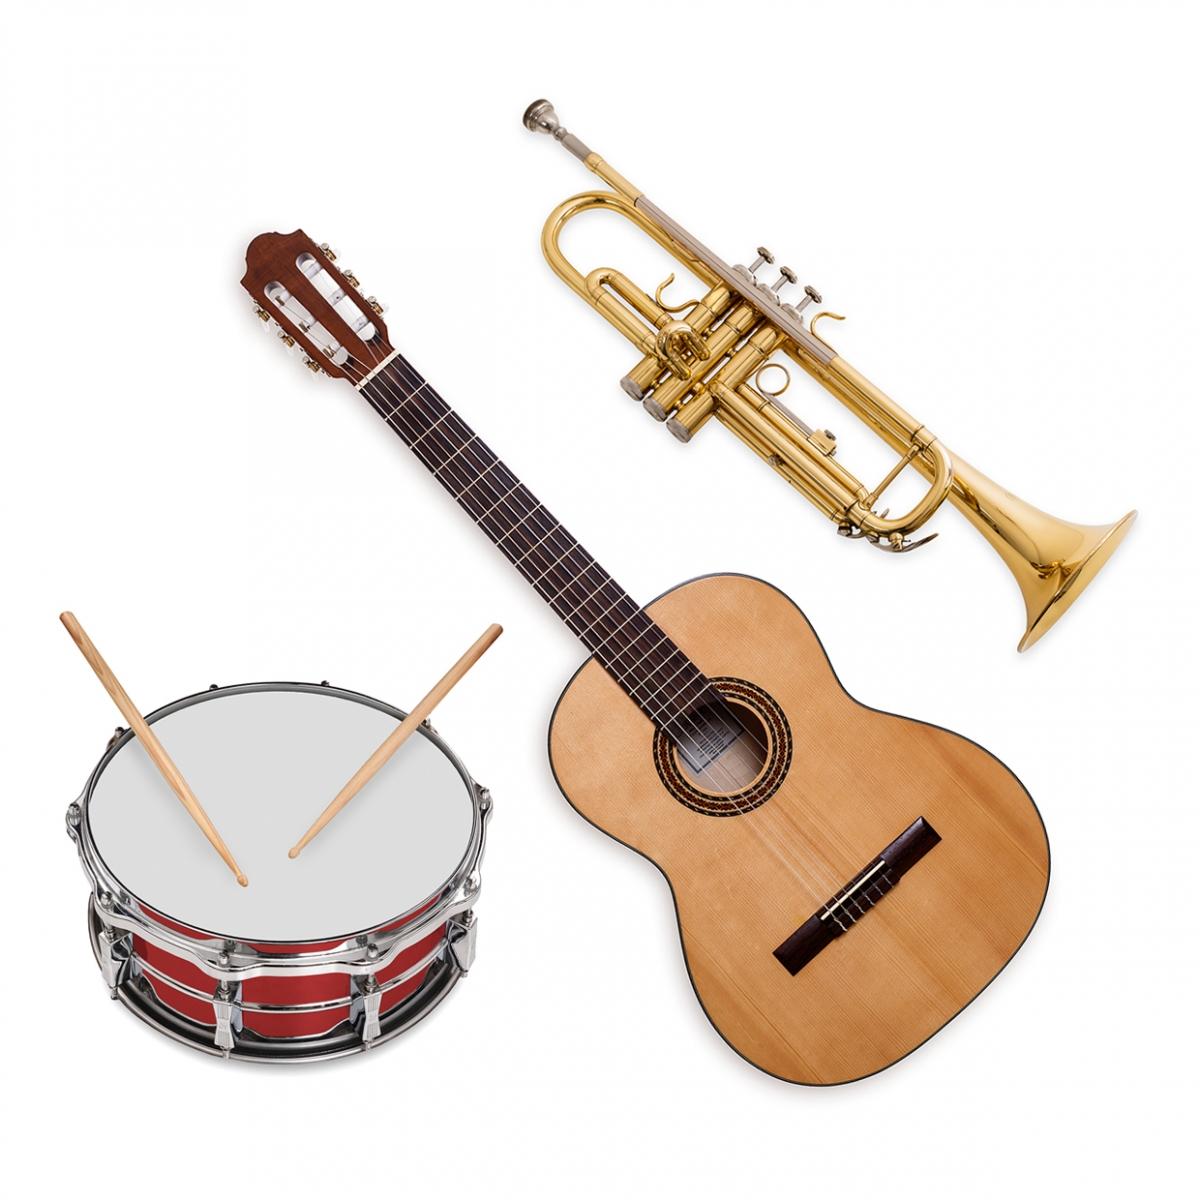 Fotos de instrumentos musicales - Instrumentos musicales leganes ...